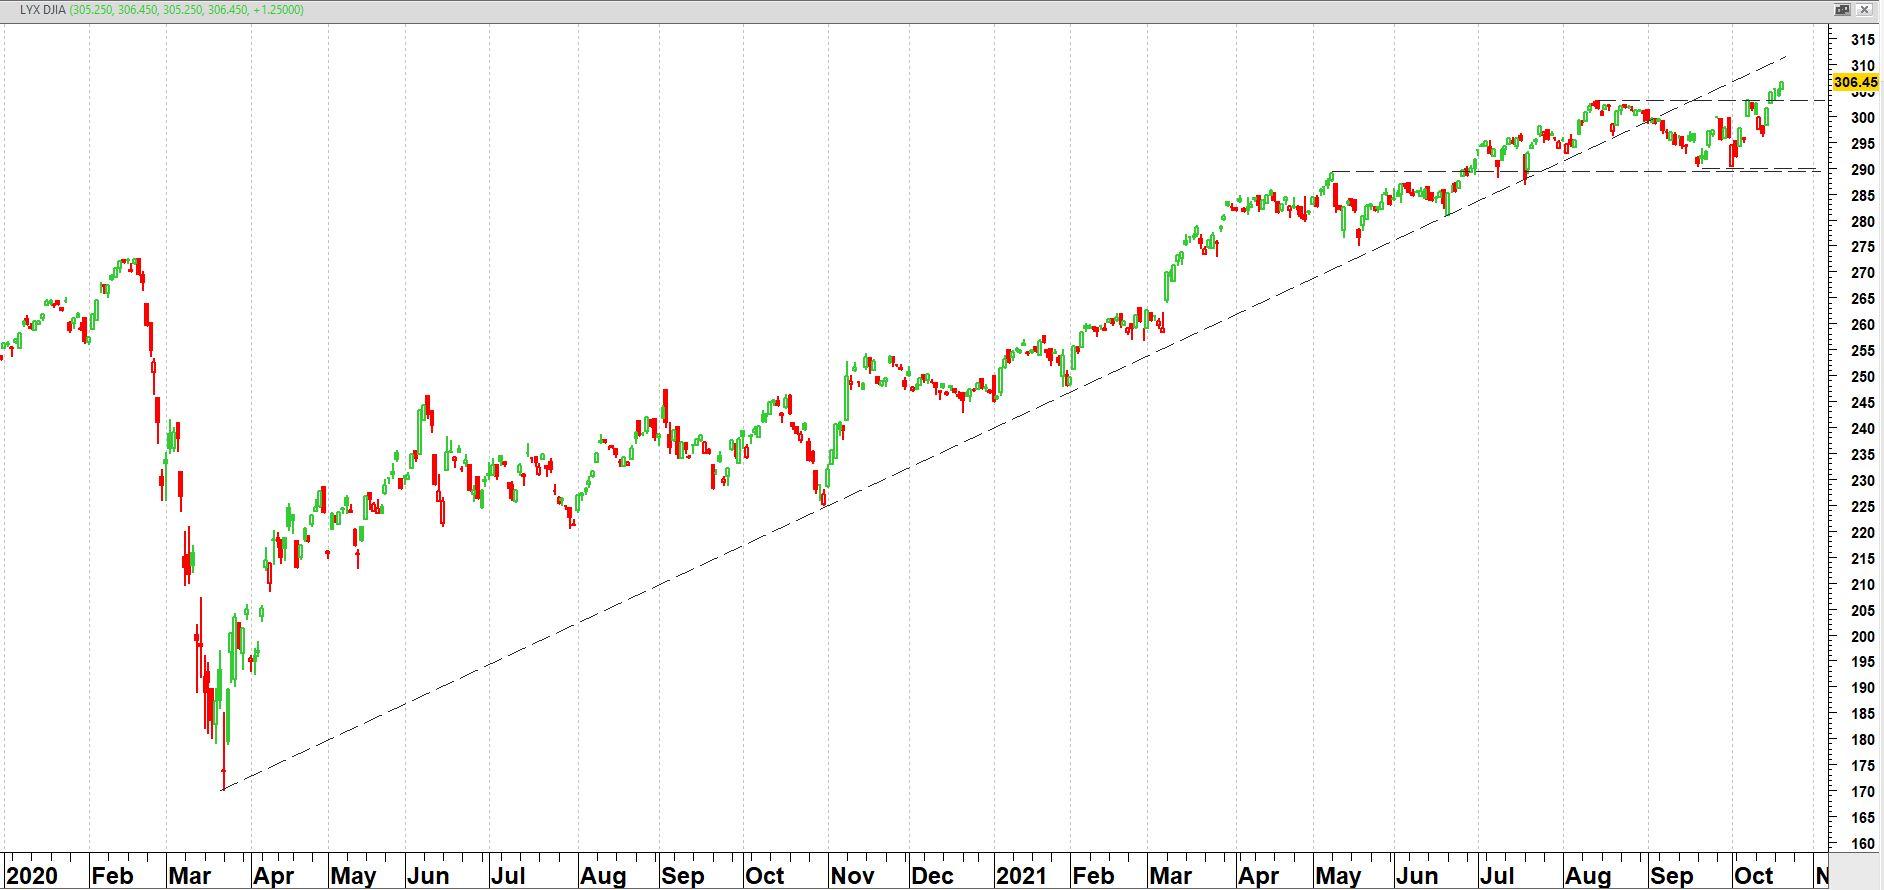 LYXOR Dow Jones Industrial Average UCITS ETF (DJE) vanaf 2020